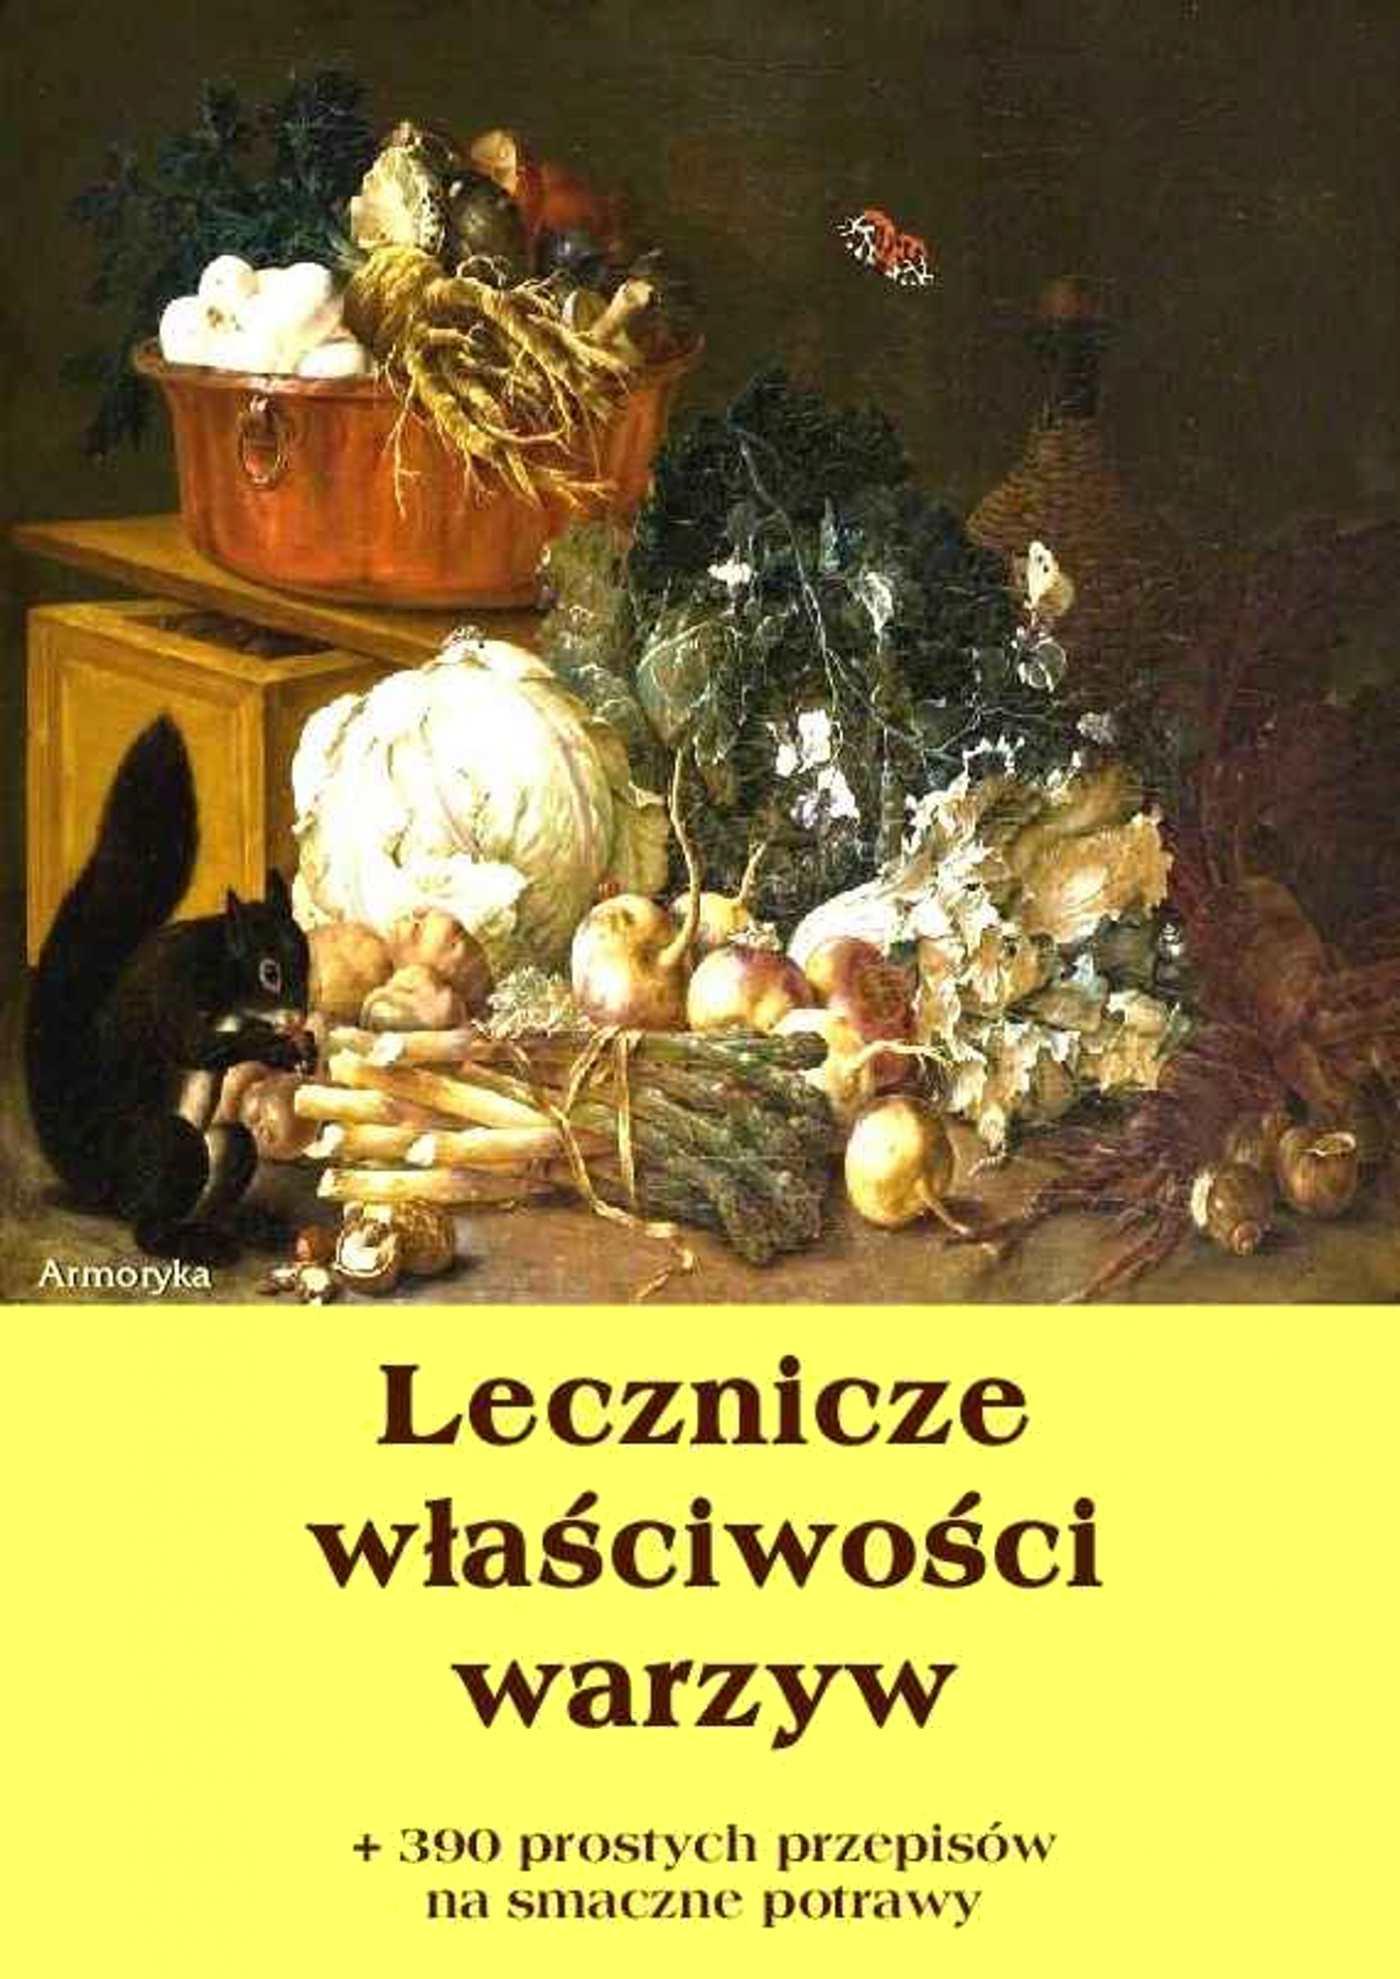 Lecznicze właściwości warzyw + 390 prostych przepisów na smaczne potrawy - Ebook (Książka EPUB) do pobrania w formacie EPUB